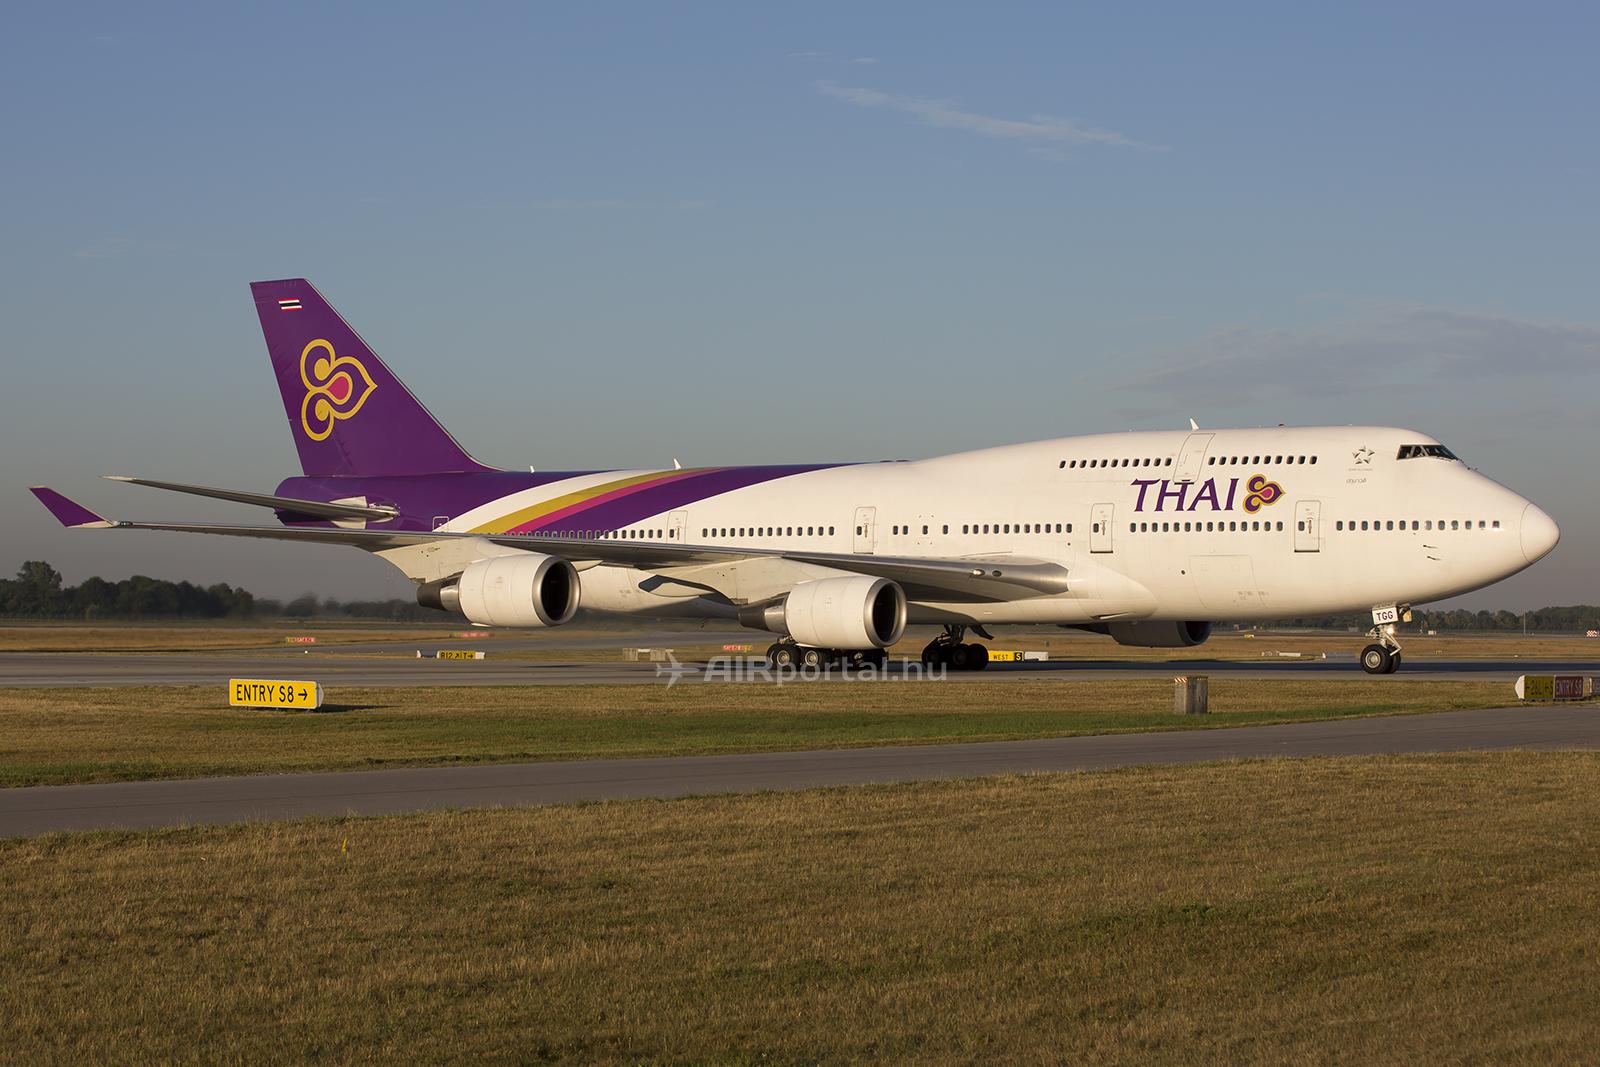 Az egyik legszebb festésű, még ma is szolgálatot teljesítő Boeing 747-400-as repülőgépek a Thai Airways Jumboi. A jellegzetes festés persze megmarad, de - többek közt - már modernebb repülőgépeken, a Boeing 787 Dreamlinereken és az Airbus A350 XWB repülőgépeken szeli majd az eget a következő években. (Fotó: AIRportal.hu)   © AIRportal.hu